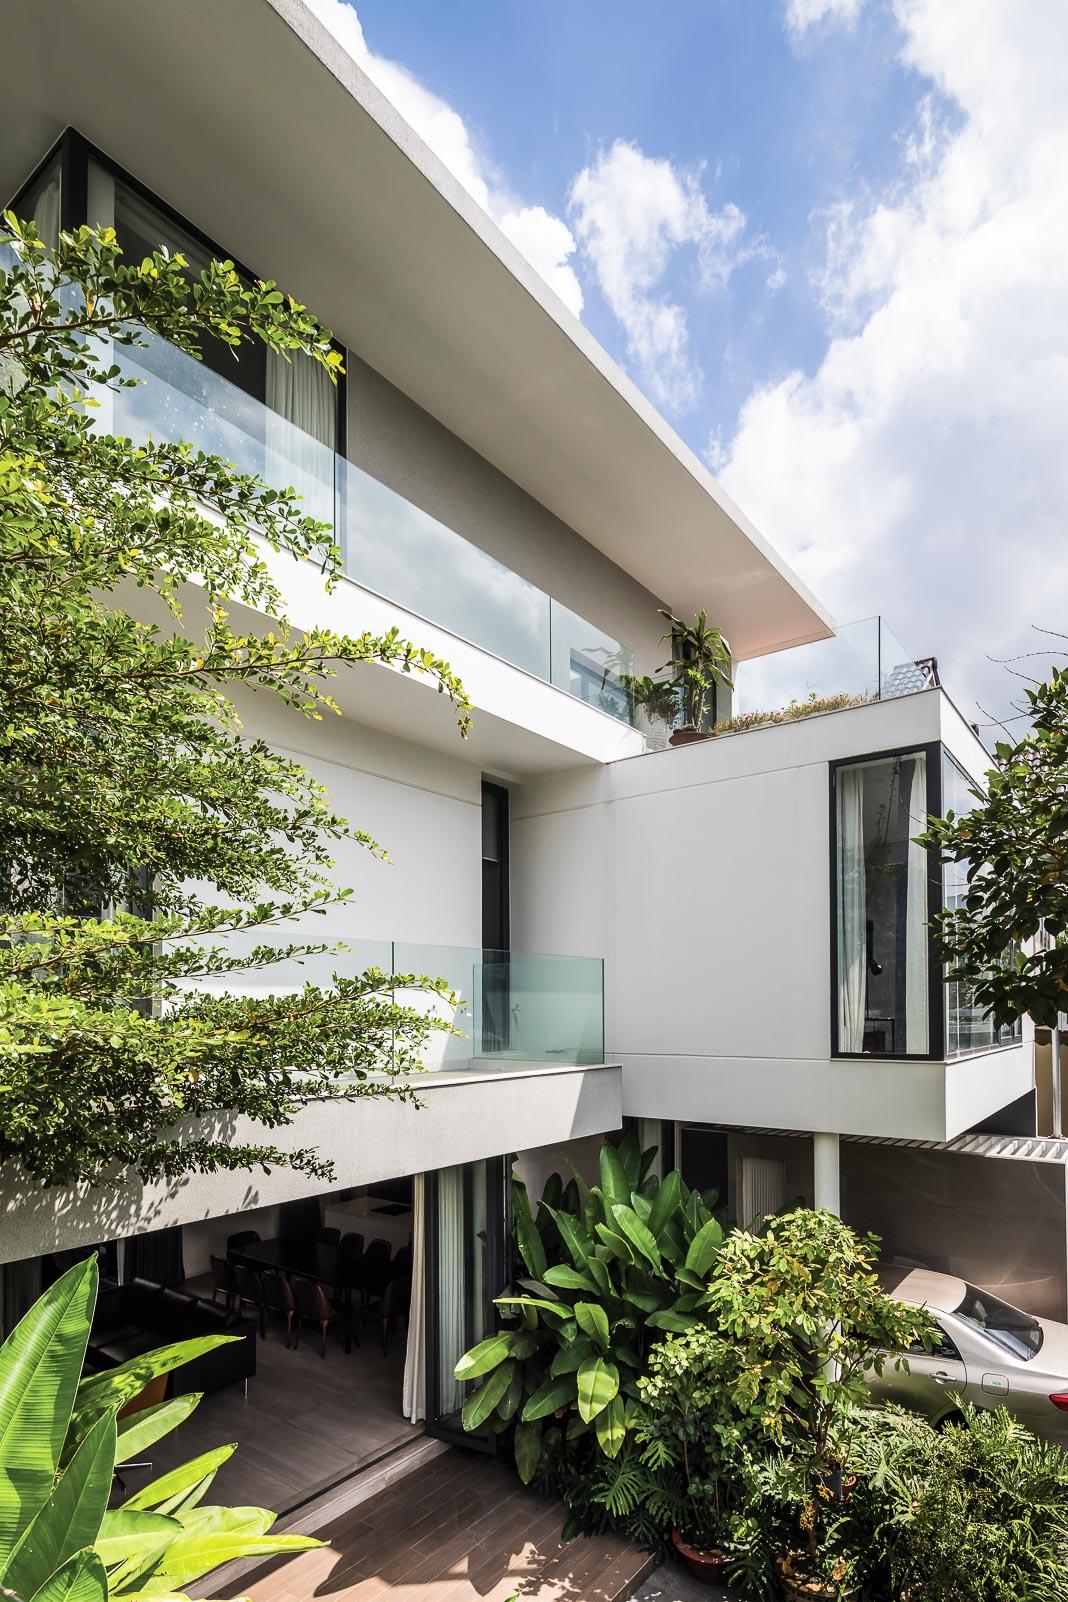 Kiến trúc tổng thể nhìn từ sân vườn với các thời điểm ánh sáng khác nhau 1